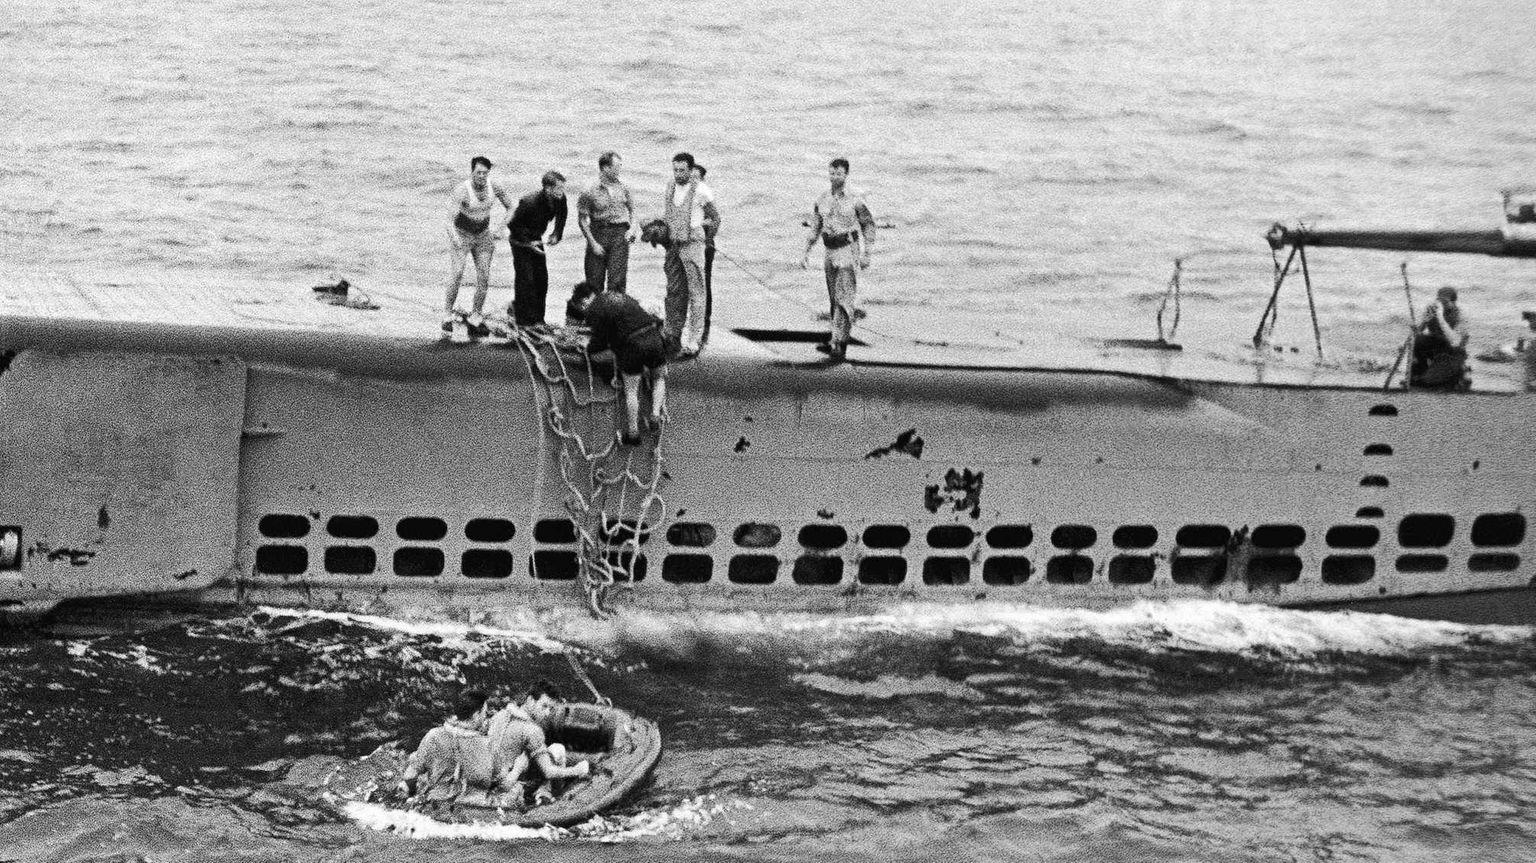 Submarine chase